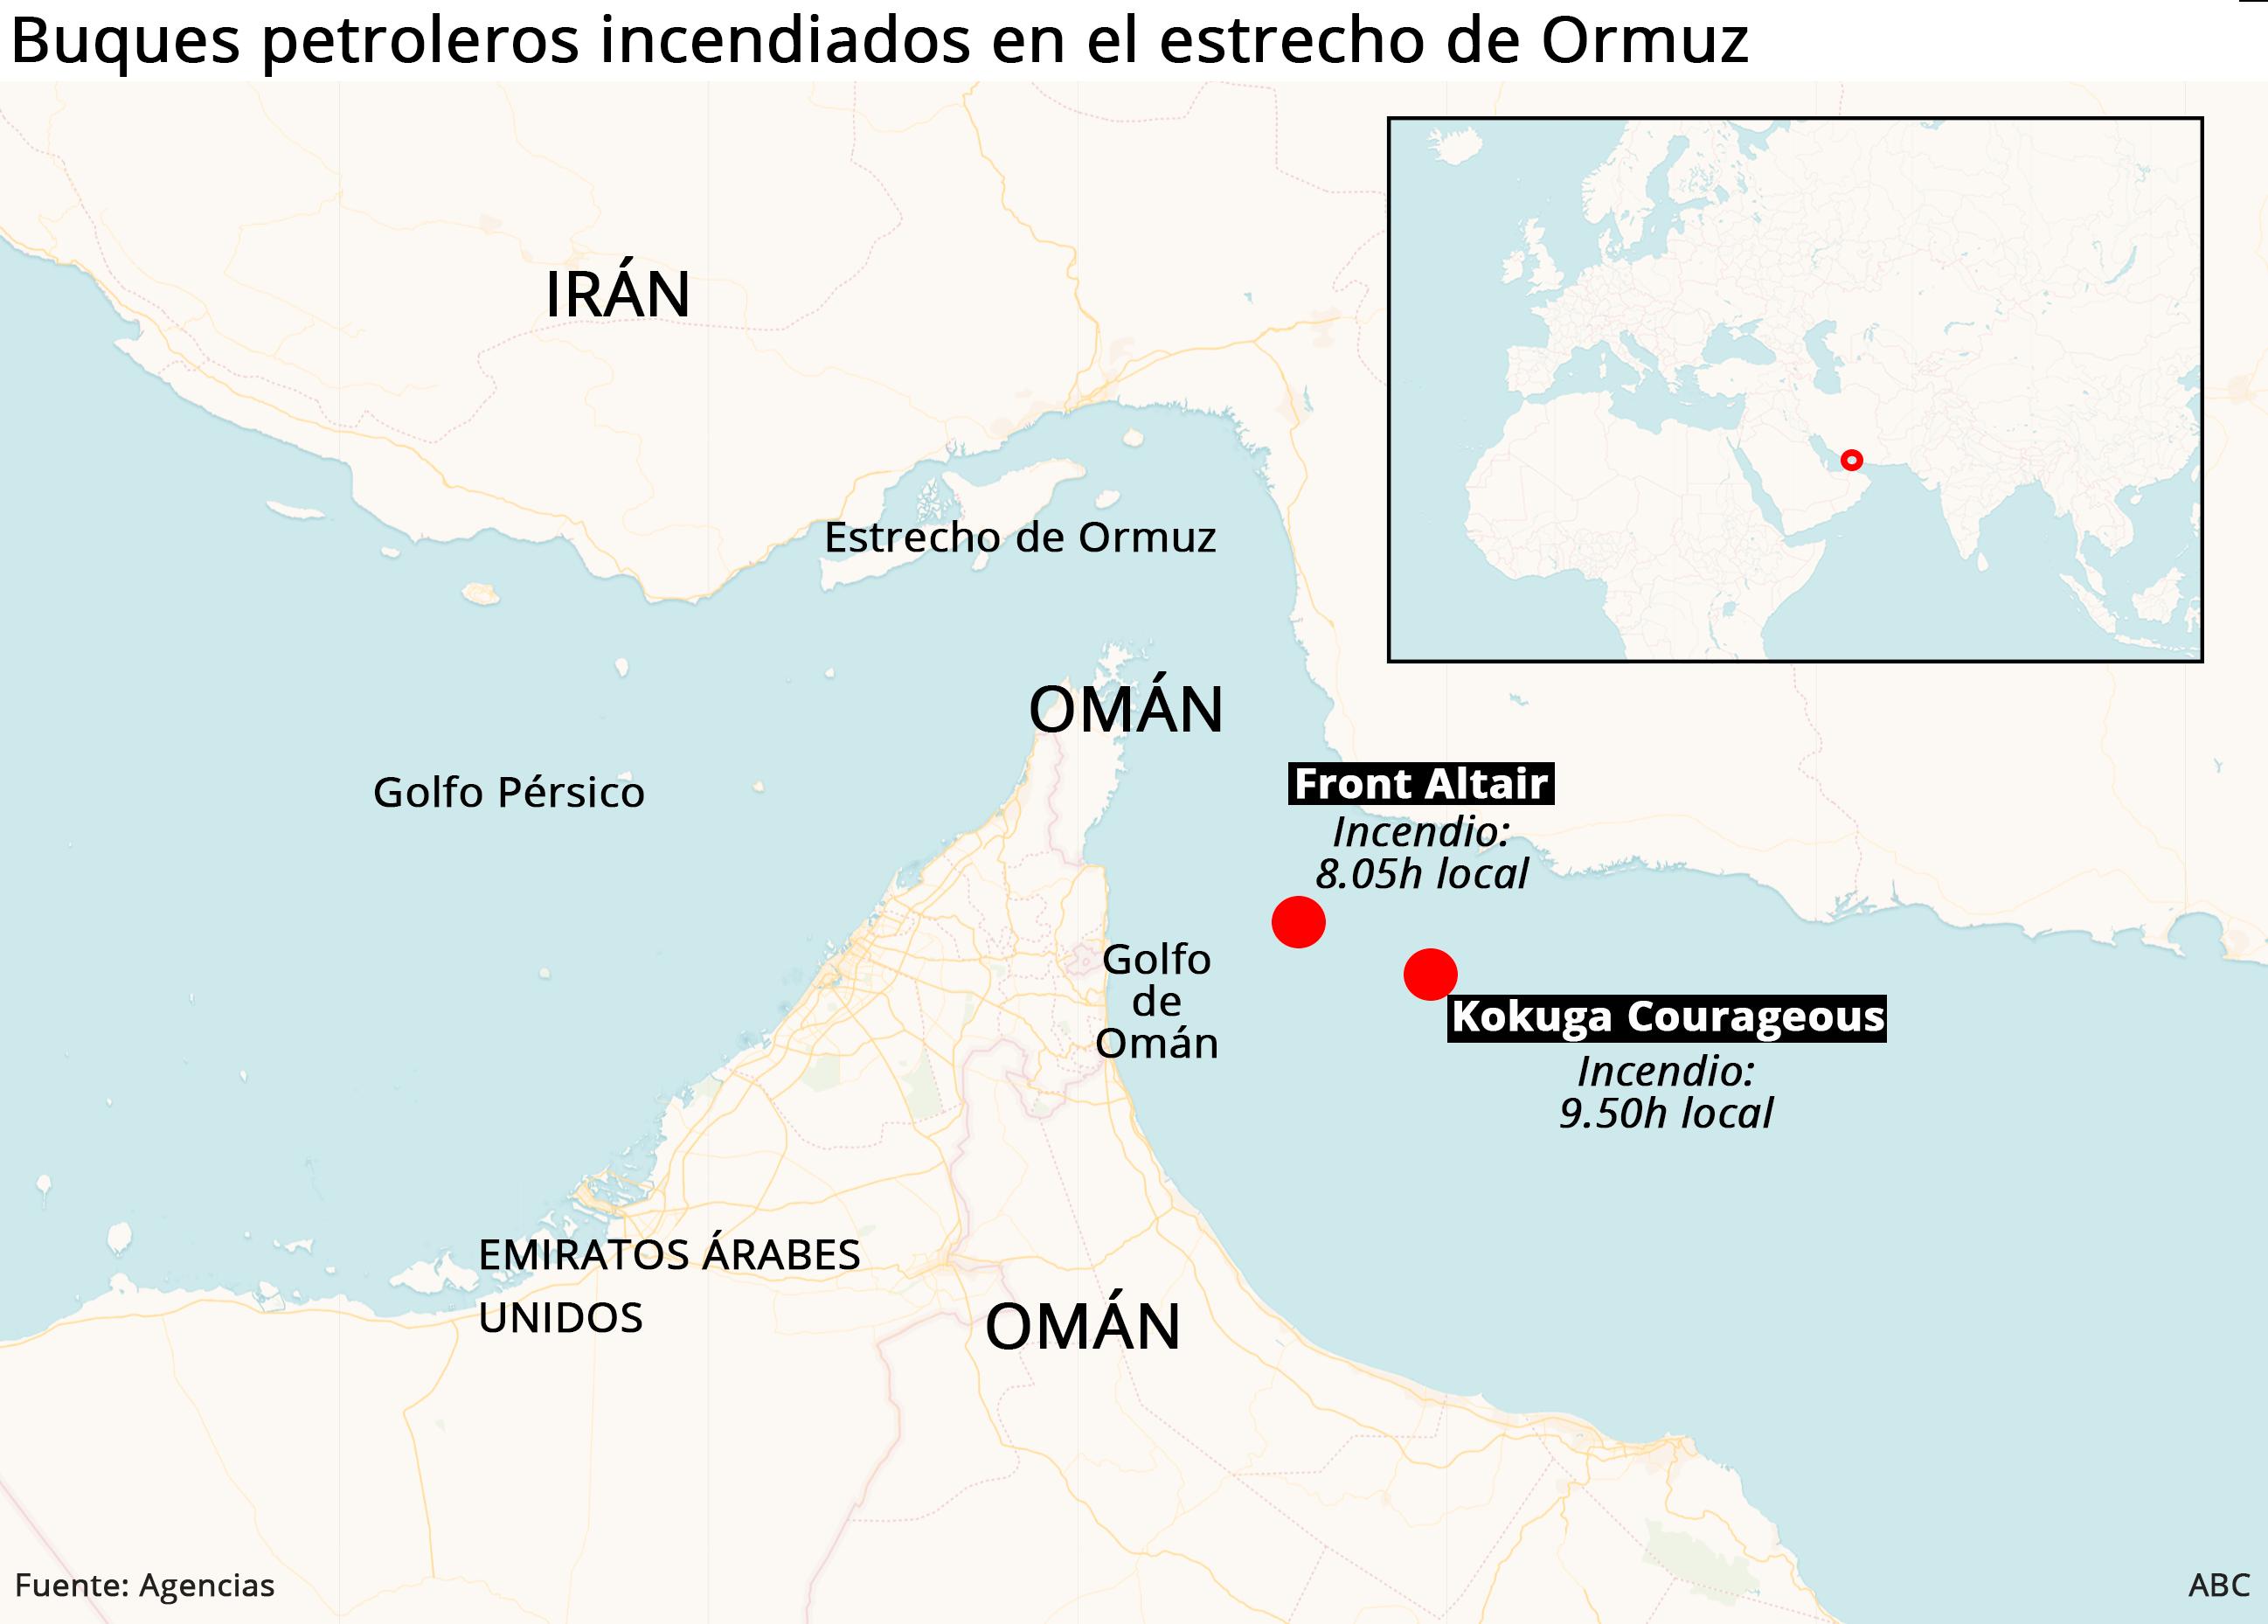 Detalles del incidente entre los dos buques en el estrecho de Ormuz